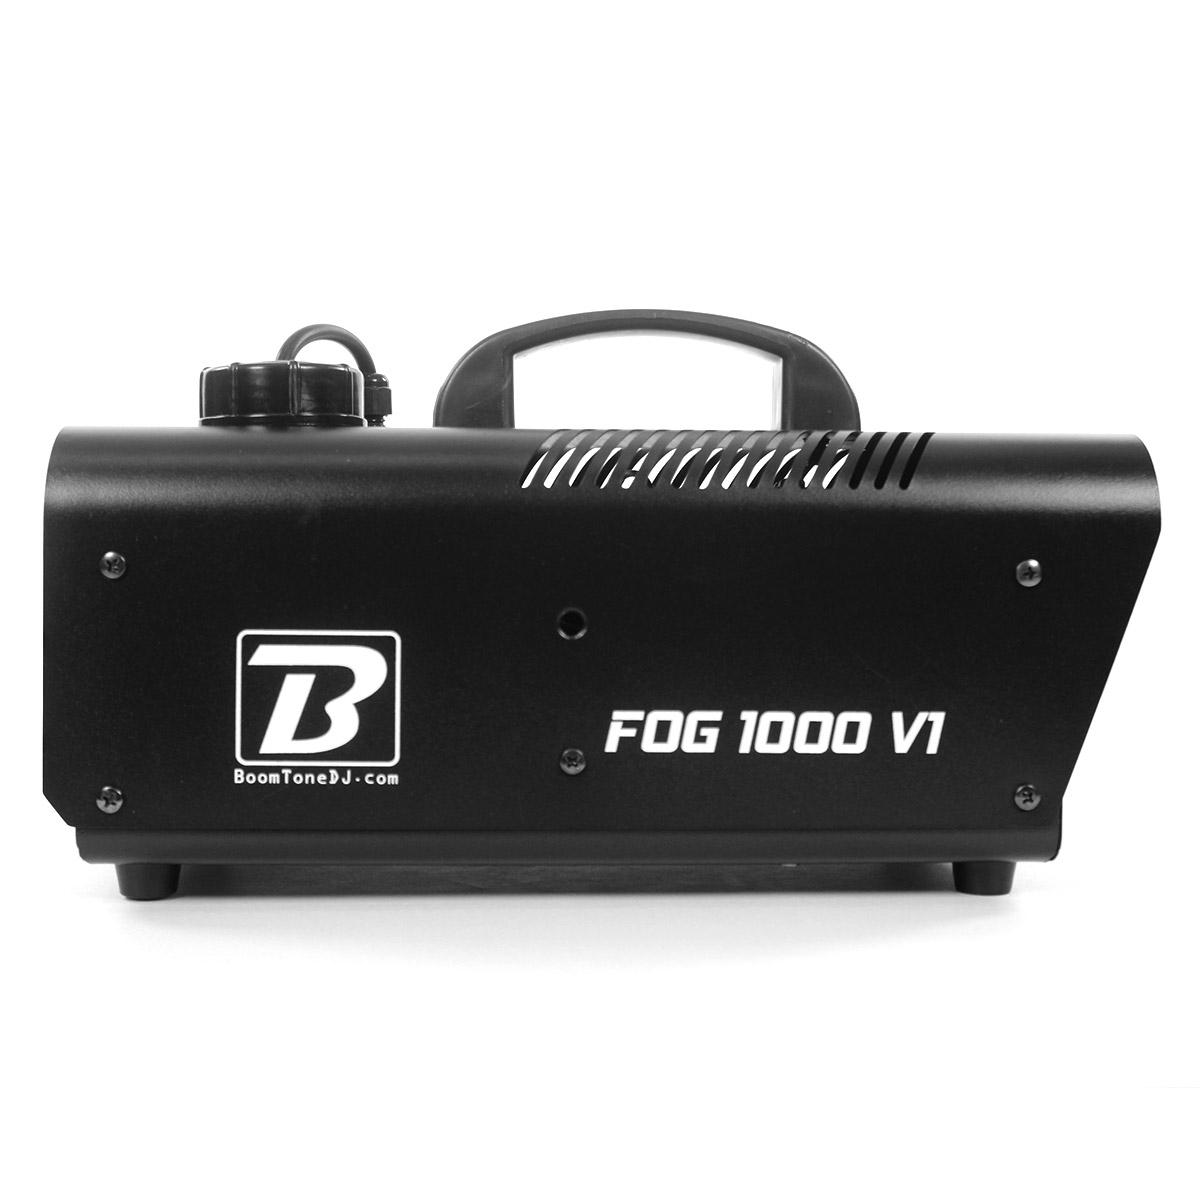 FOG 1000 V1